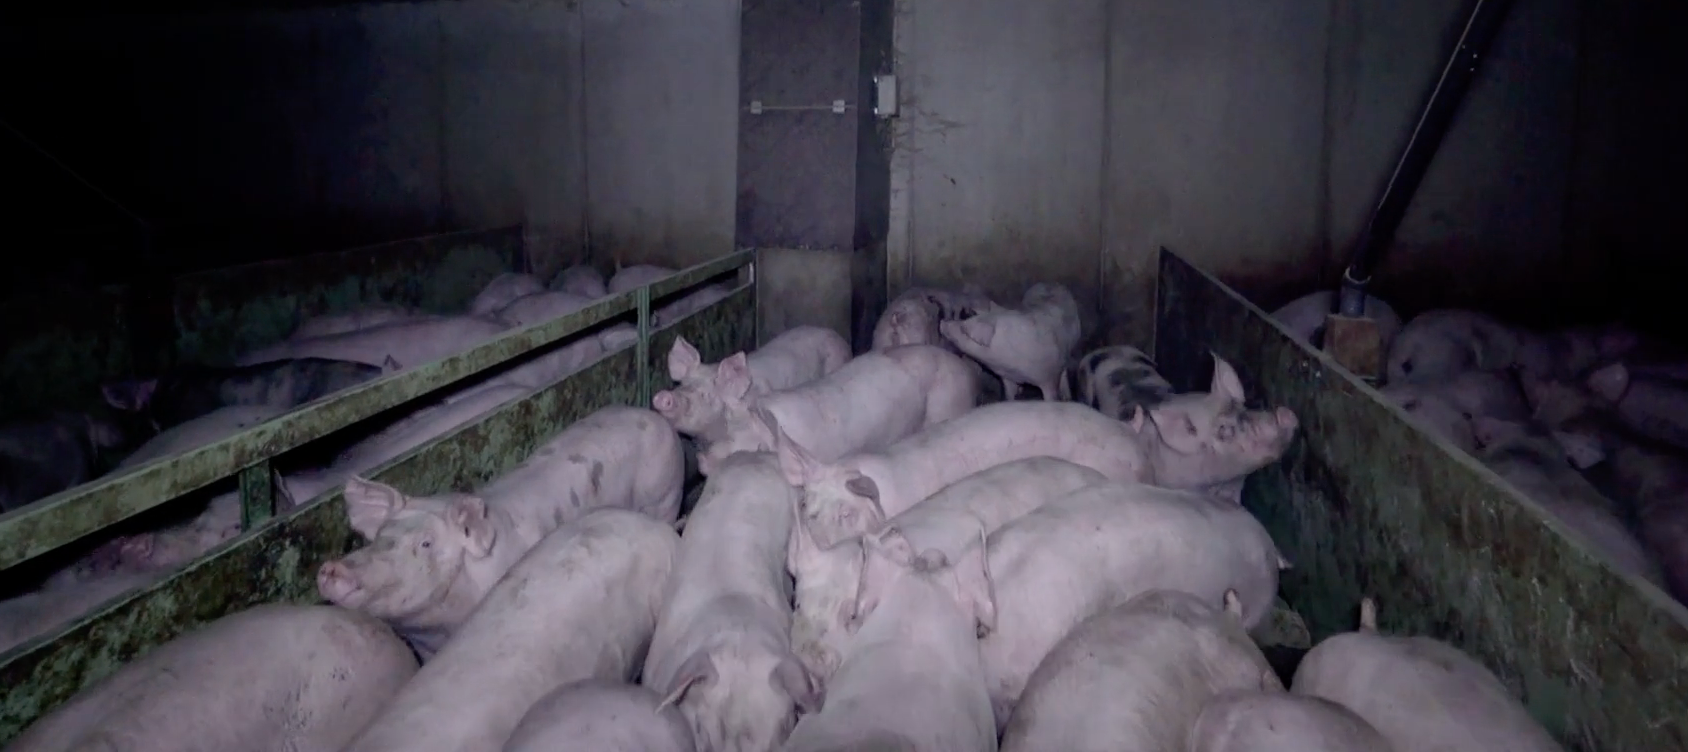 Cochons en enclos d'engraissement